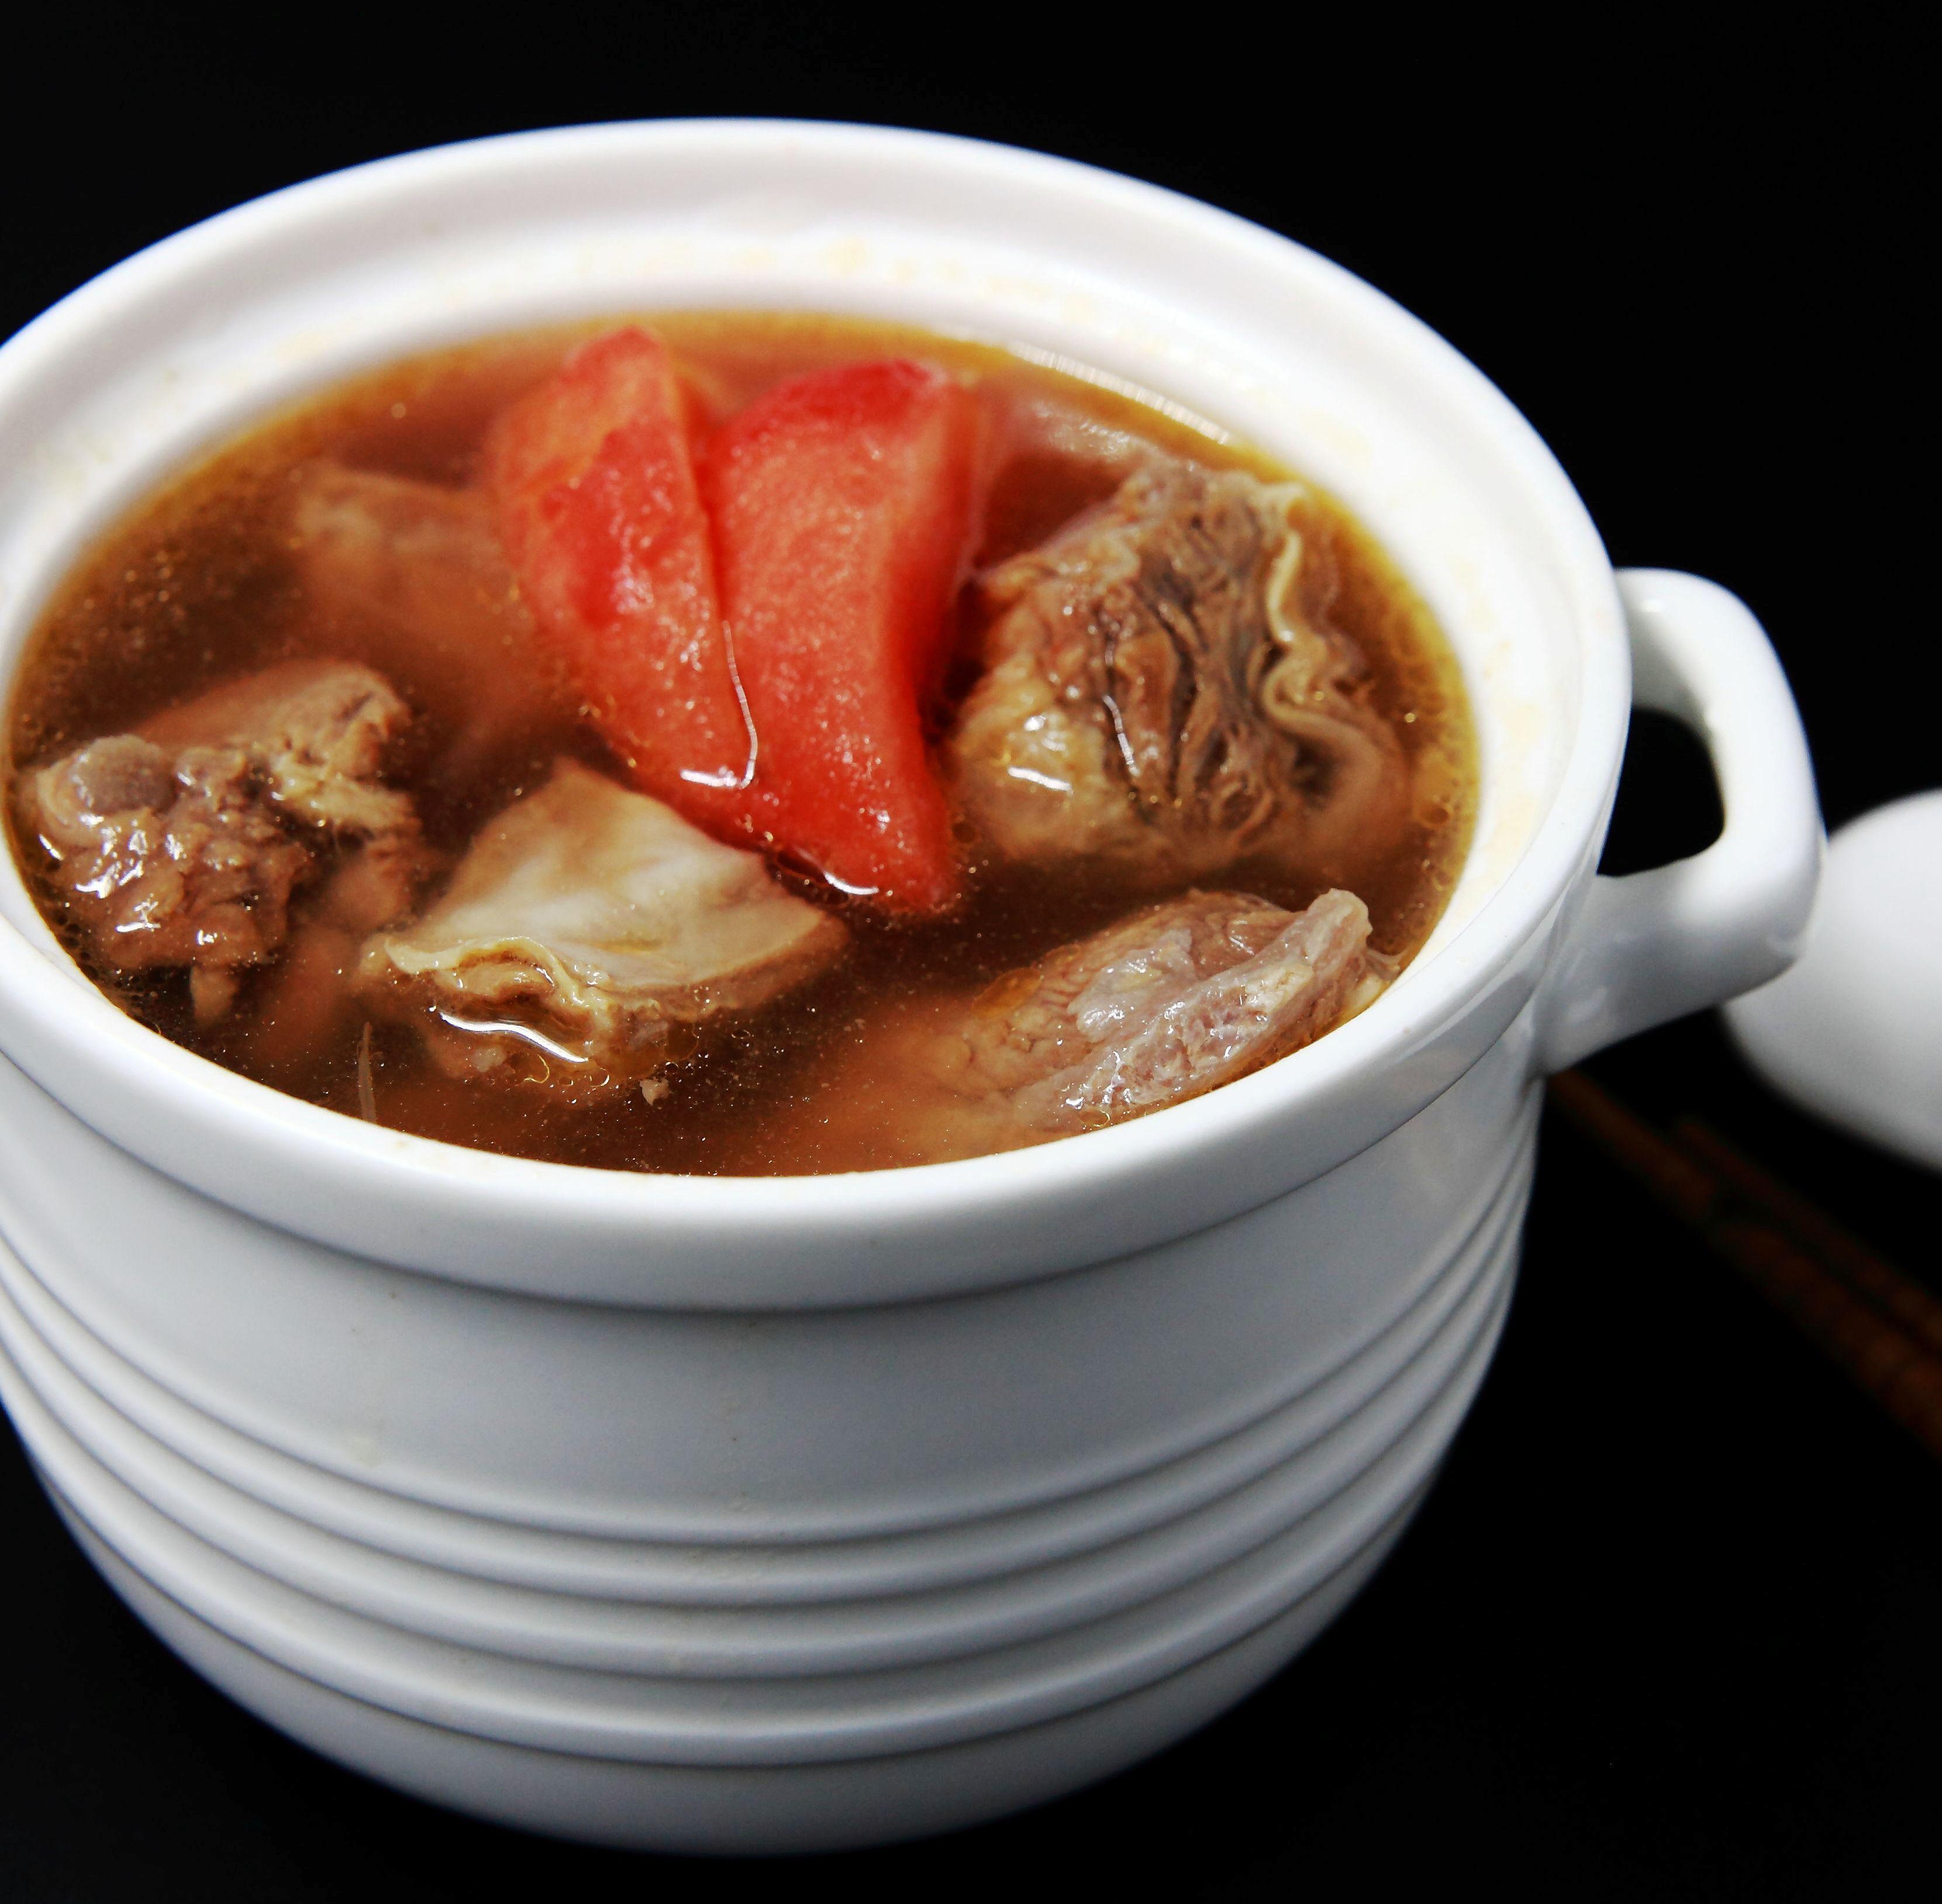 醫生臉綠 蕃茄牛肉湯 (600g)【龍岡圓環】 超過10小時,熬煮浸潤,每滴高湯都富含牛肉的鐵、牛骨的鈣、蔬果的鮮甜和維生素。